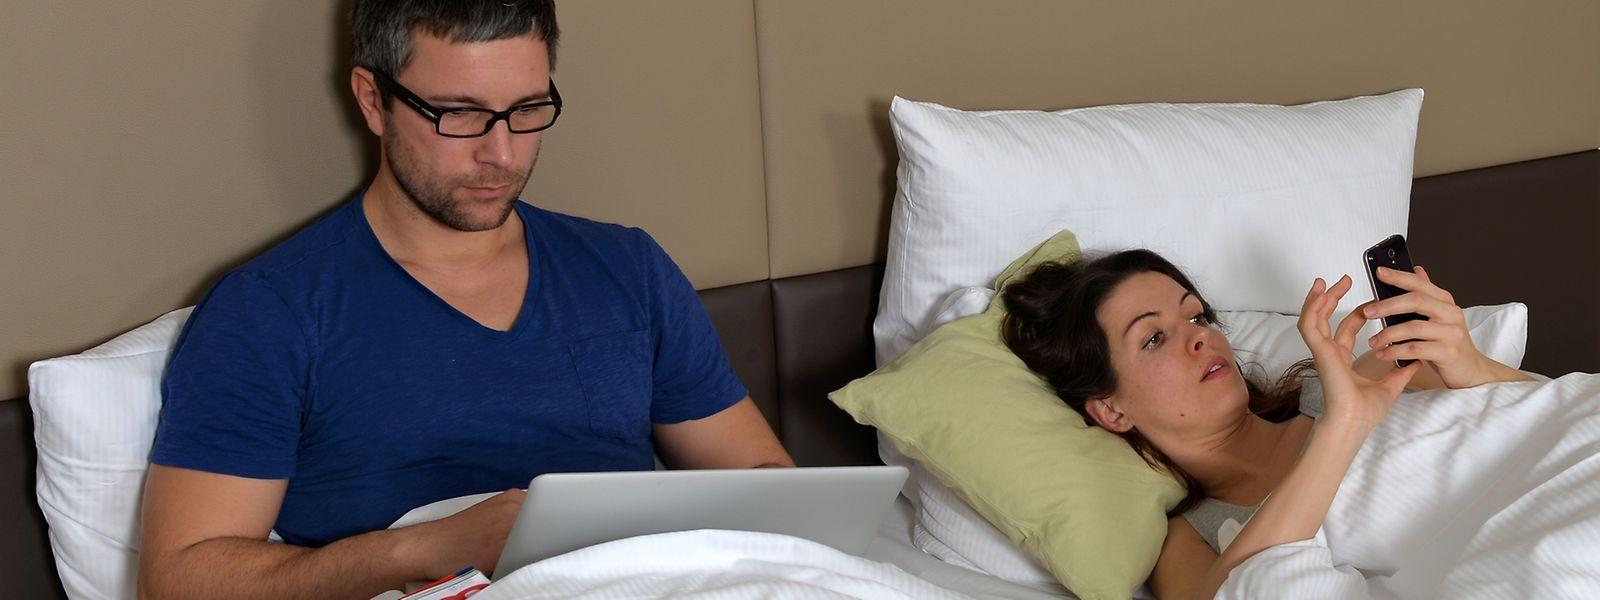 So wird es mit erholsamem Schlaf eher nichts: Das helle blaue Licht etwa von Computern, Tablets oder Smartphones sollte man mindestens zwei Stunden vor dem Schlafengehen meiden.